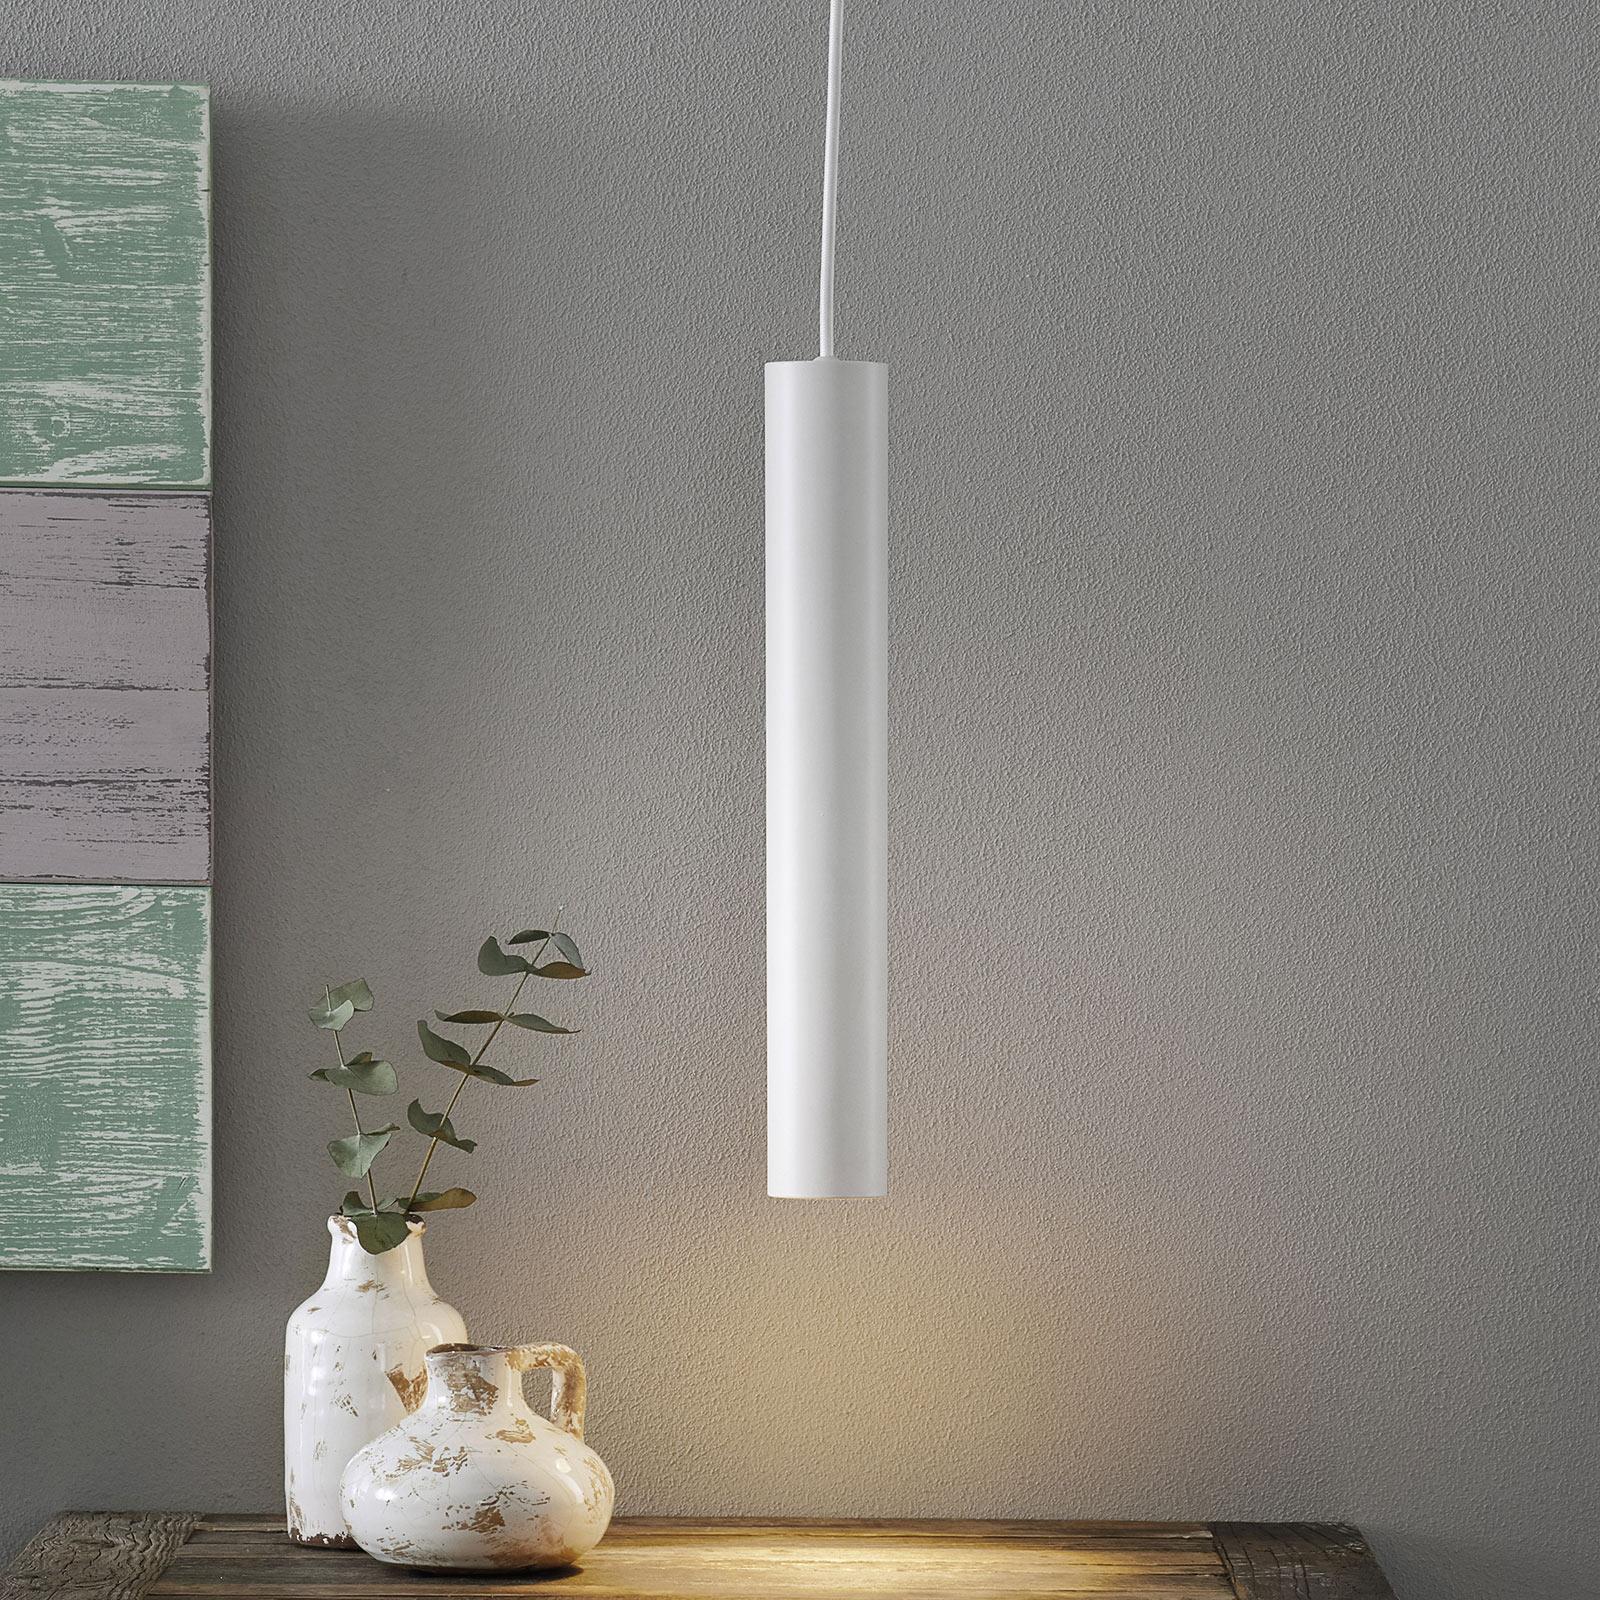 Lámpara colgante blanca Look con forma pequeña